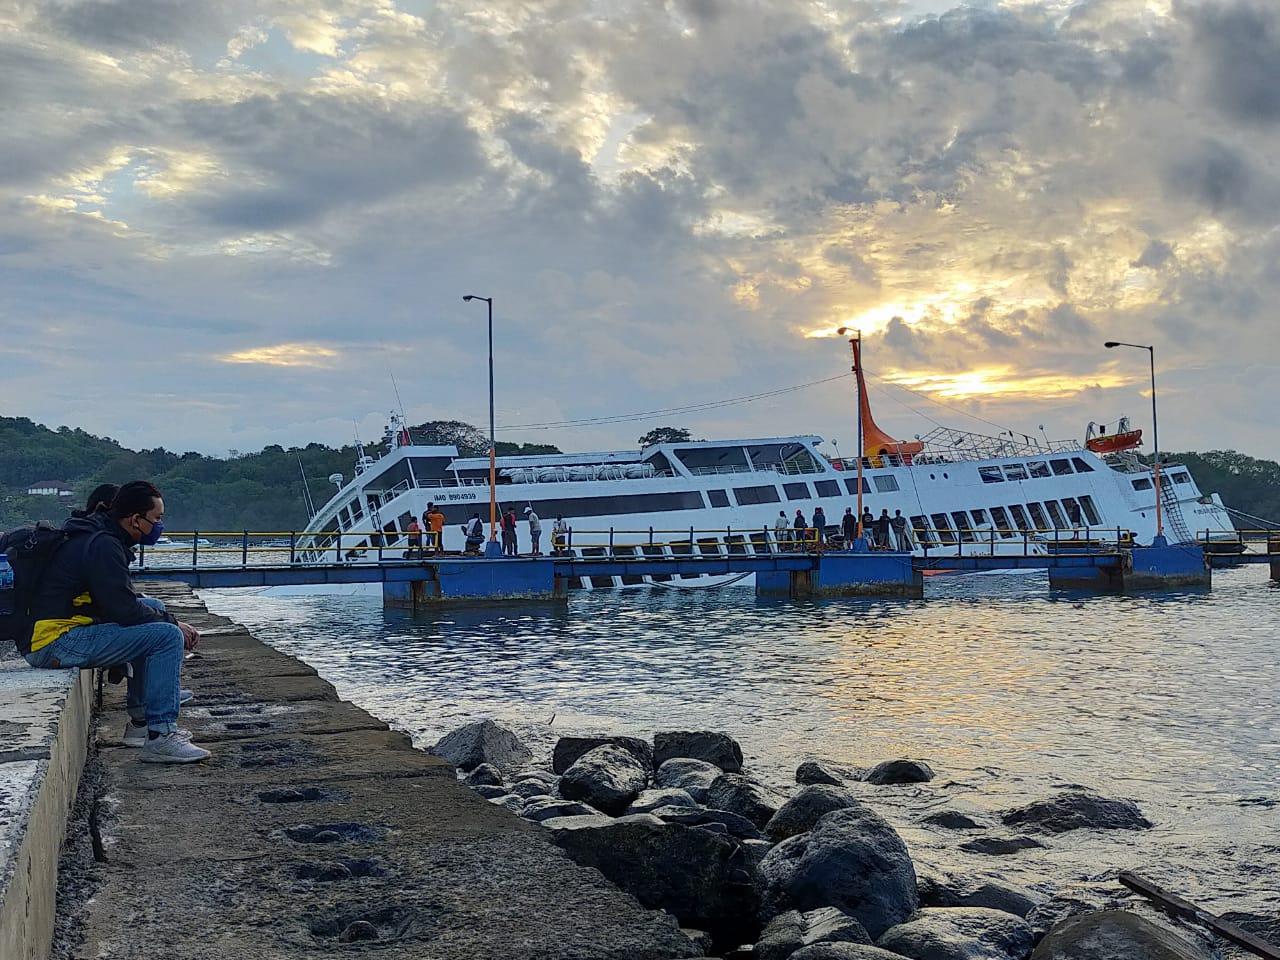 KM Dharma Rucitra III diduga mengalami kebocoran pada bagian lambung,menyebabkan sejumlah kendaraan terjebak di dalam kapal. Foto: ist